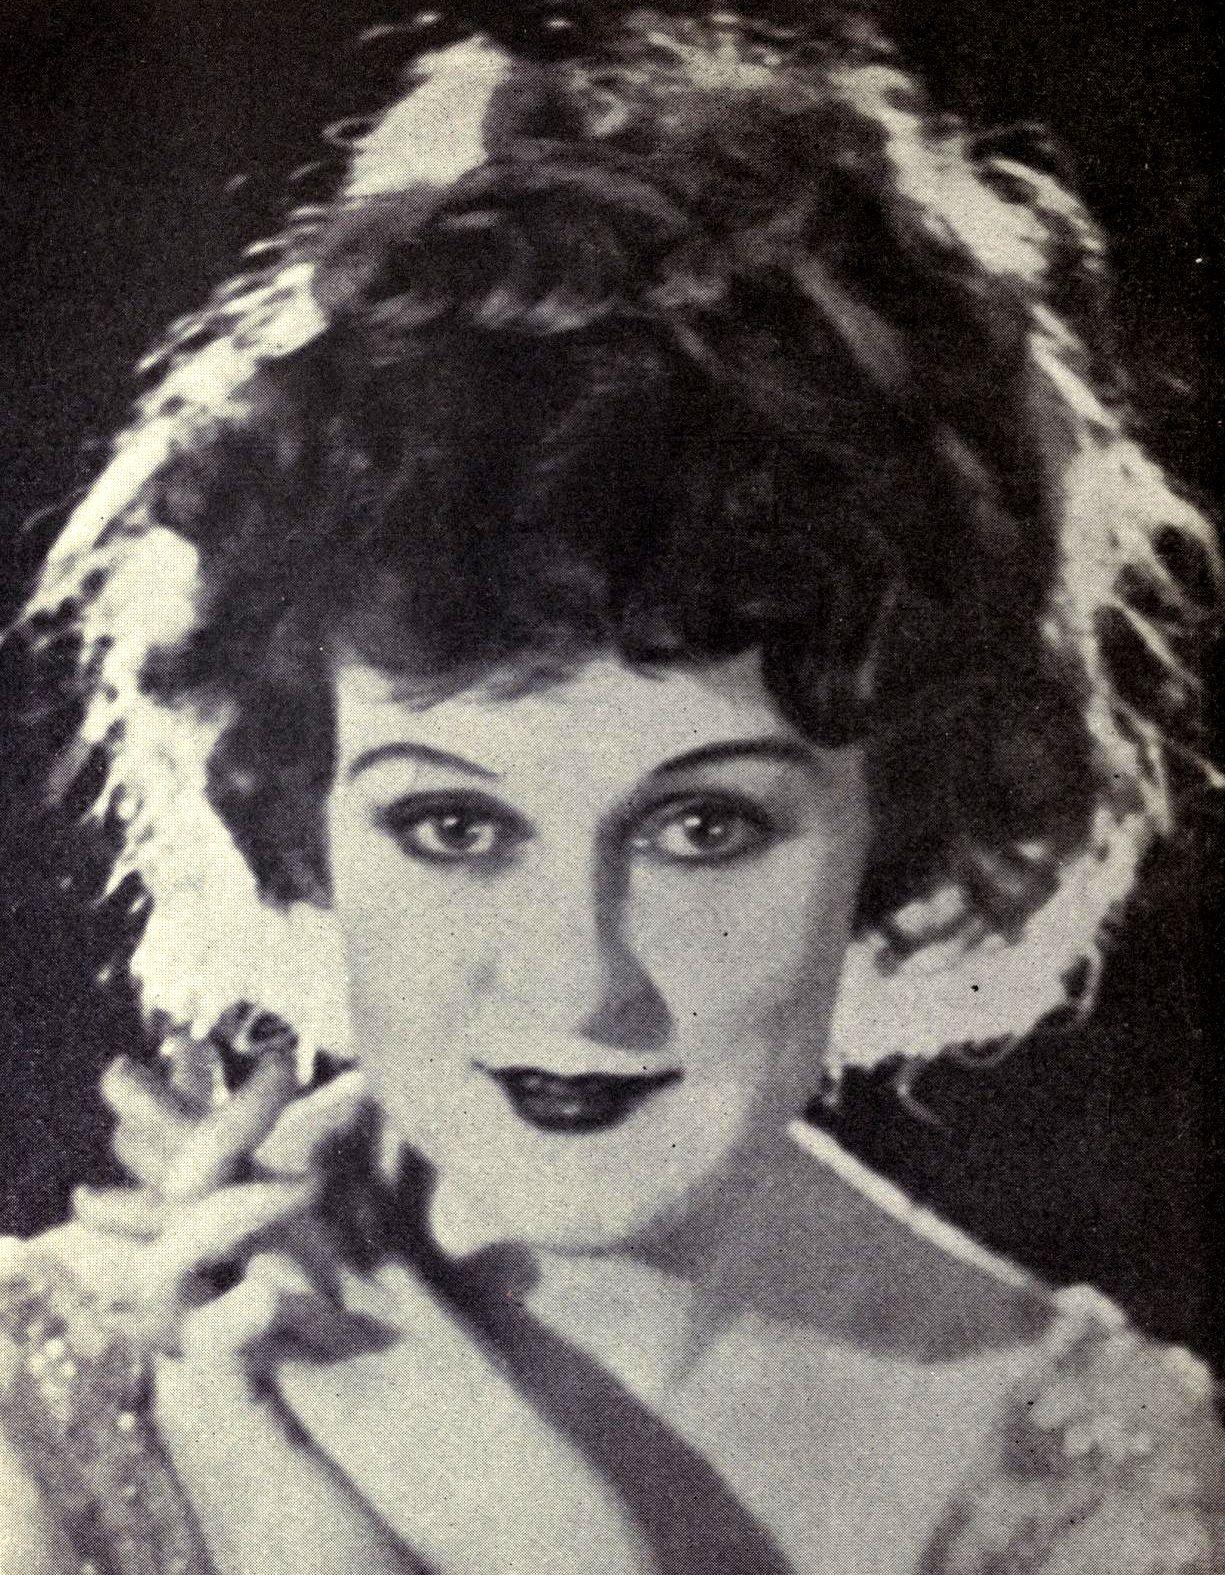 Peter Burton (1921?989),Geoffrey Keen (1916?005) Porno tube Syra Yousuf,Tim Pigott-Smith (1946?017)